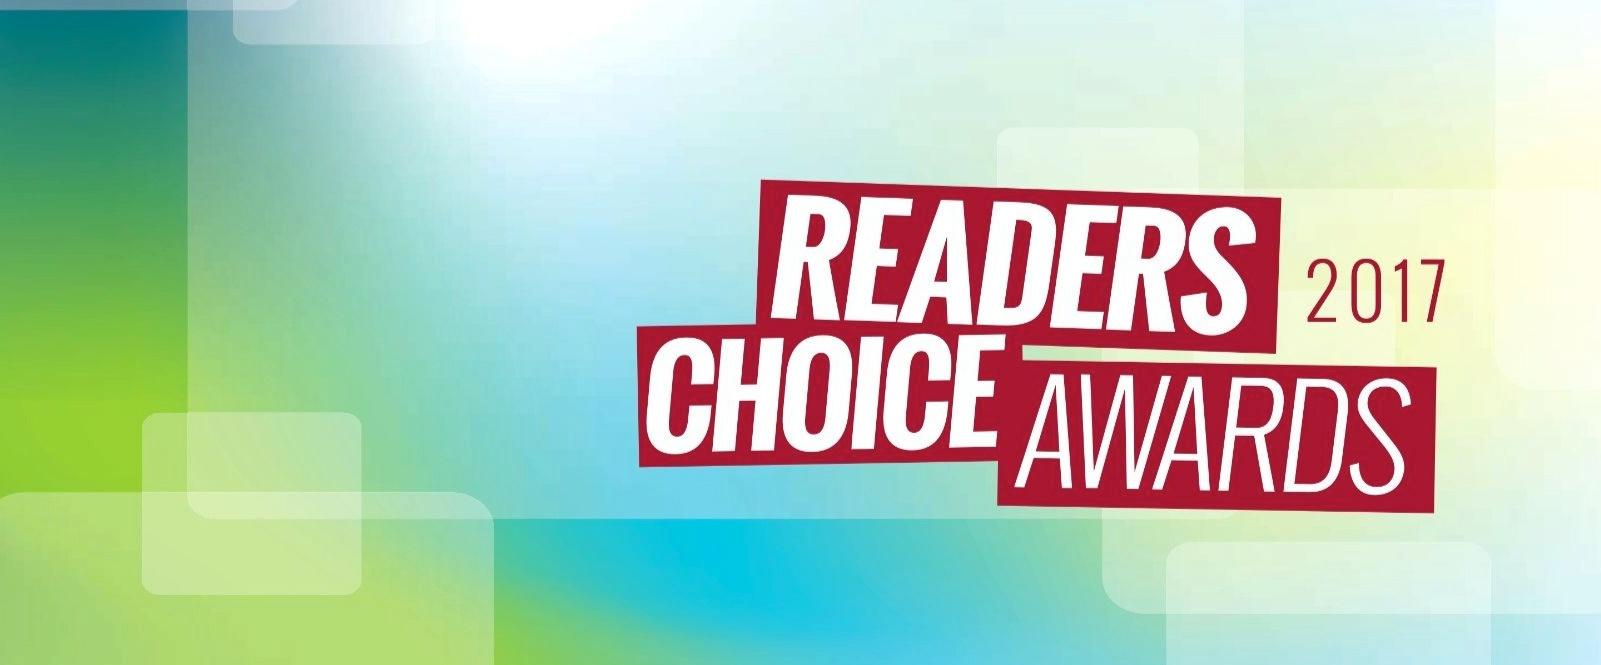 Aplin wins Readers' Choice Award for Executive Recruitment